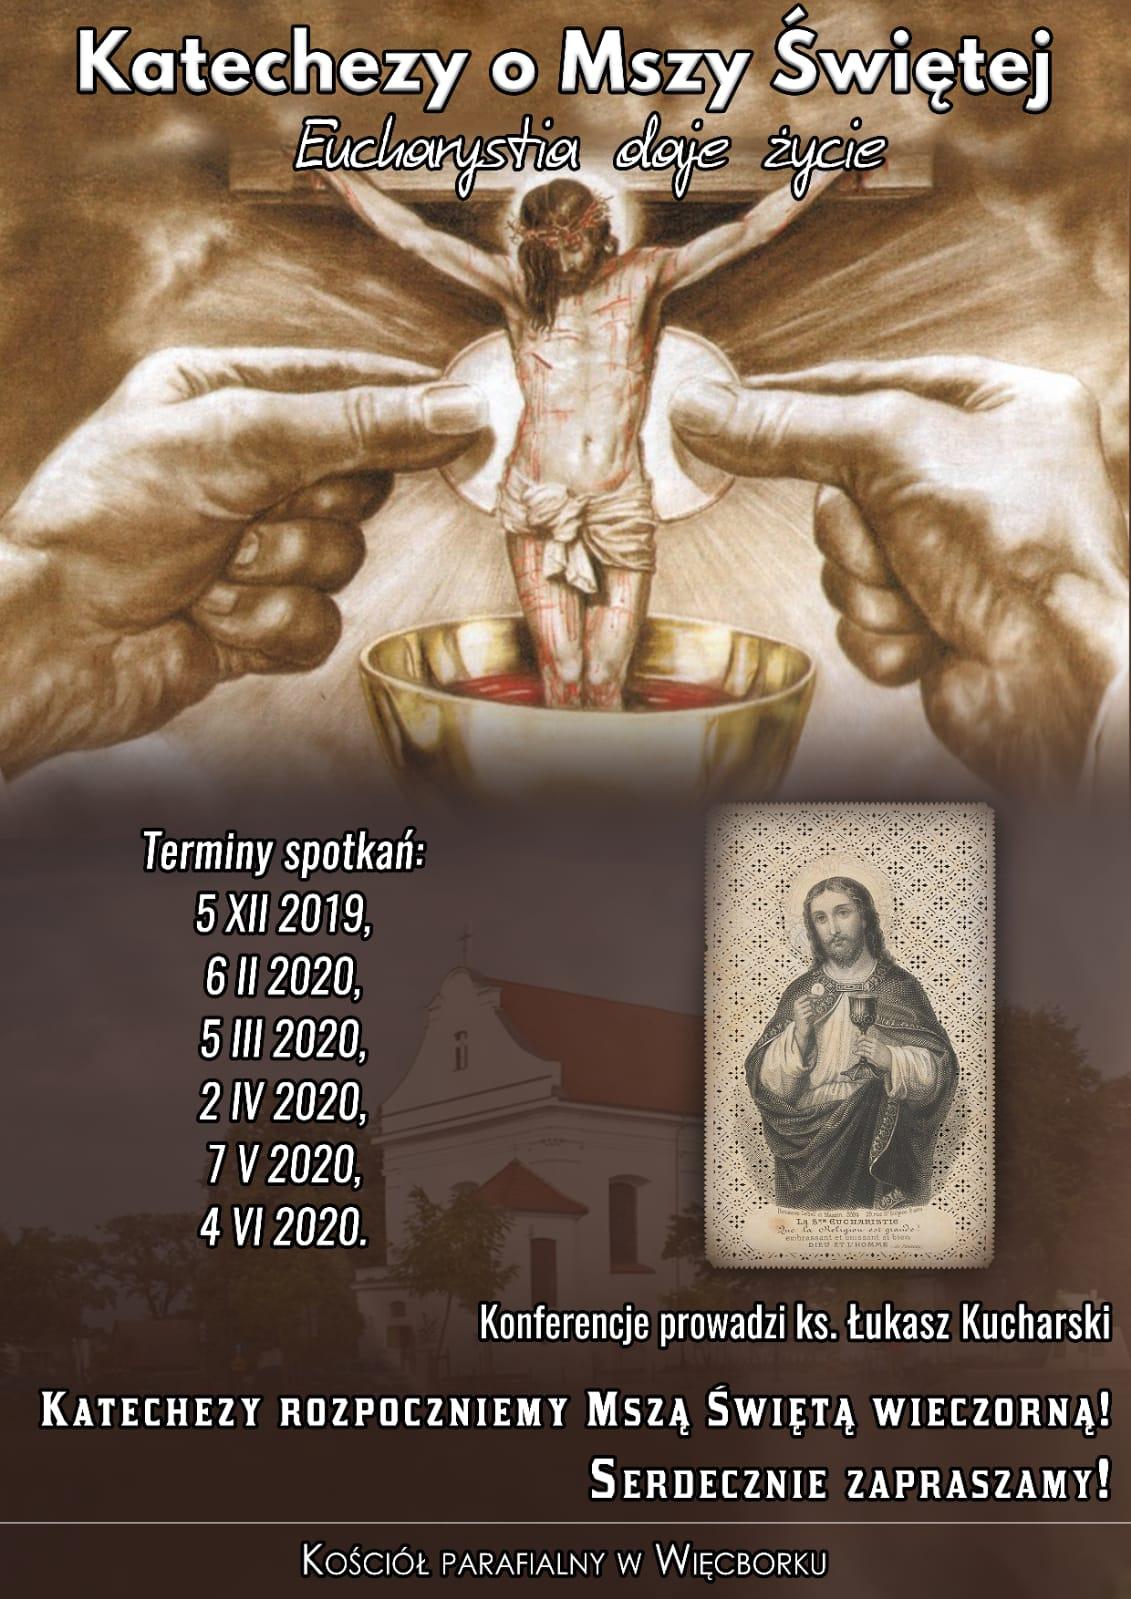 Katechezy o Mszy Świętej